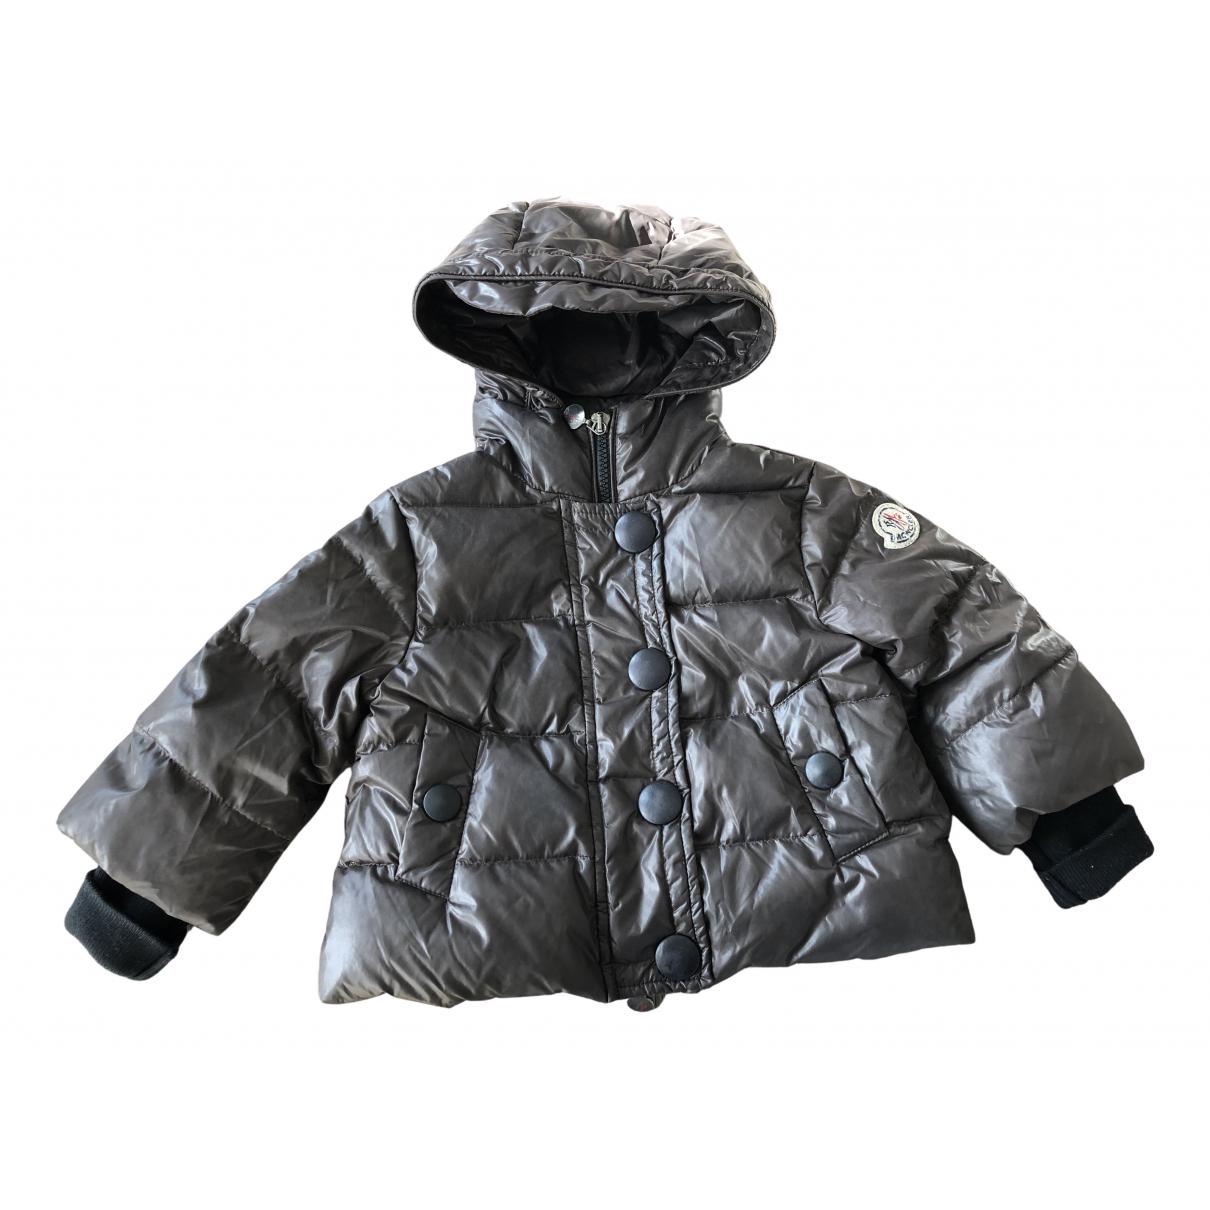 Moncler - Blousons.Manteaux Hood pour enfant - marron